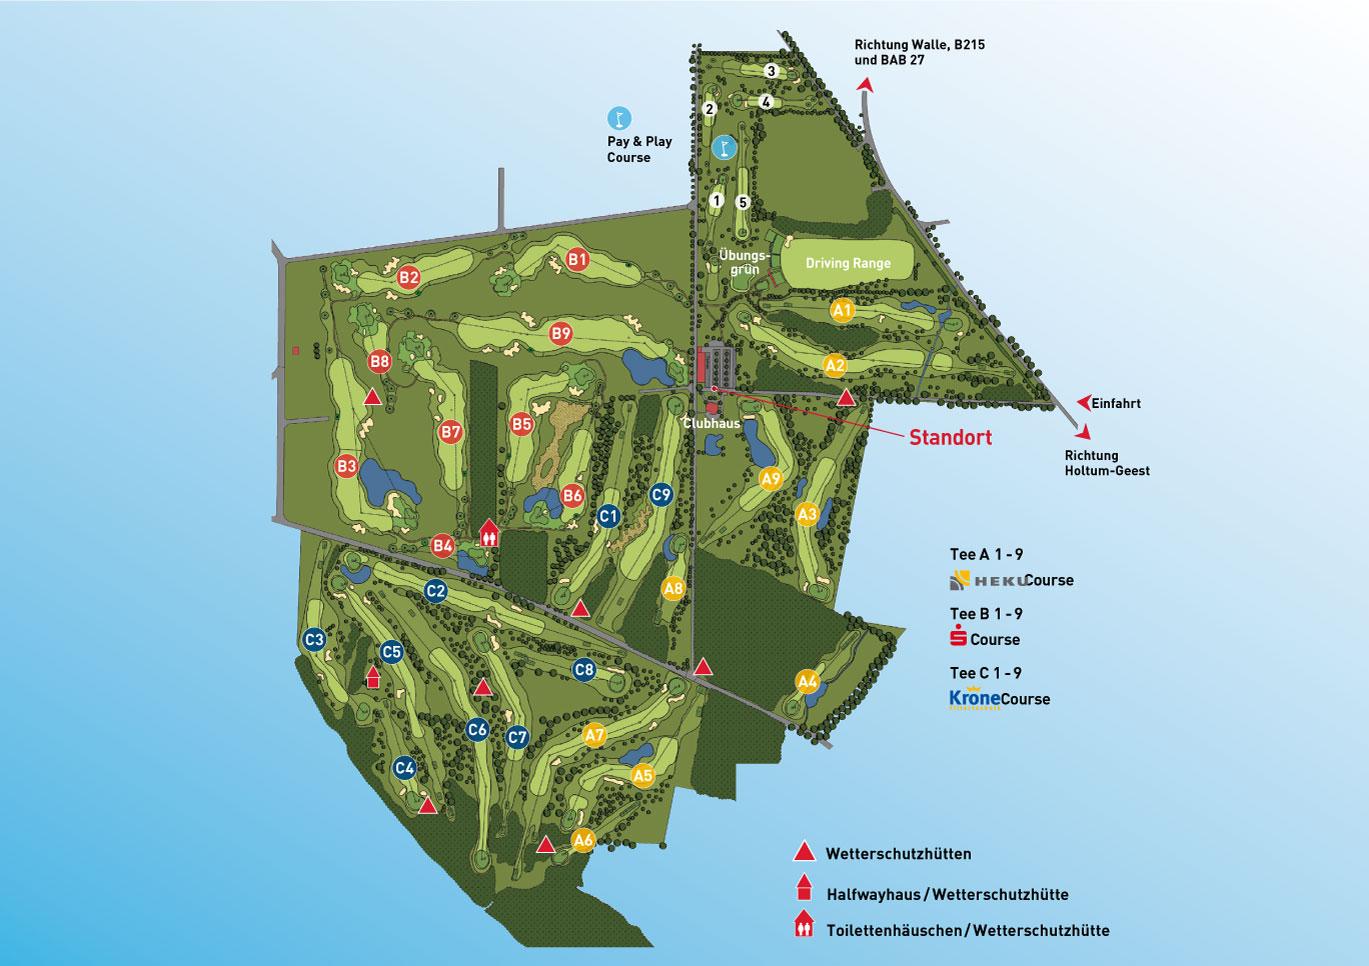 GC-Golfanlage